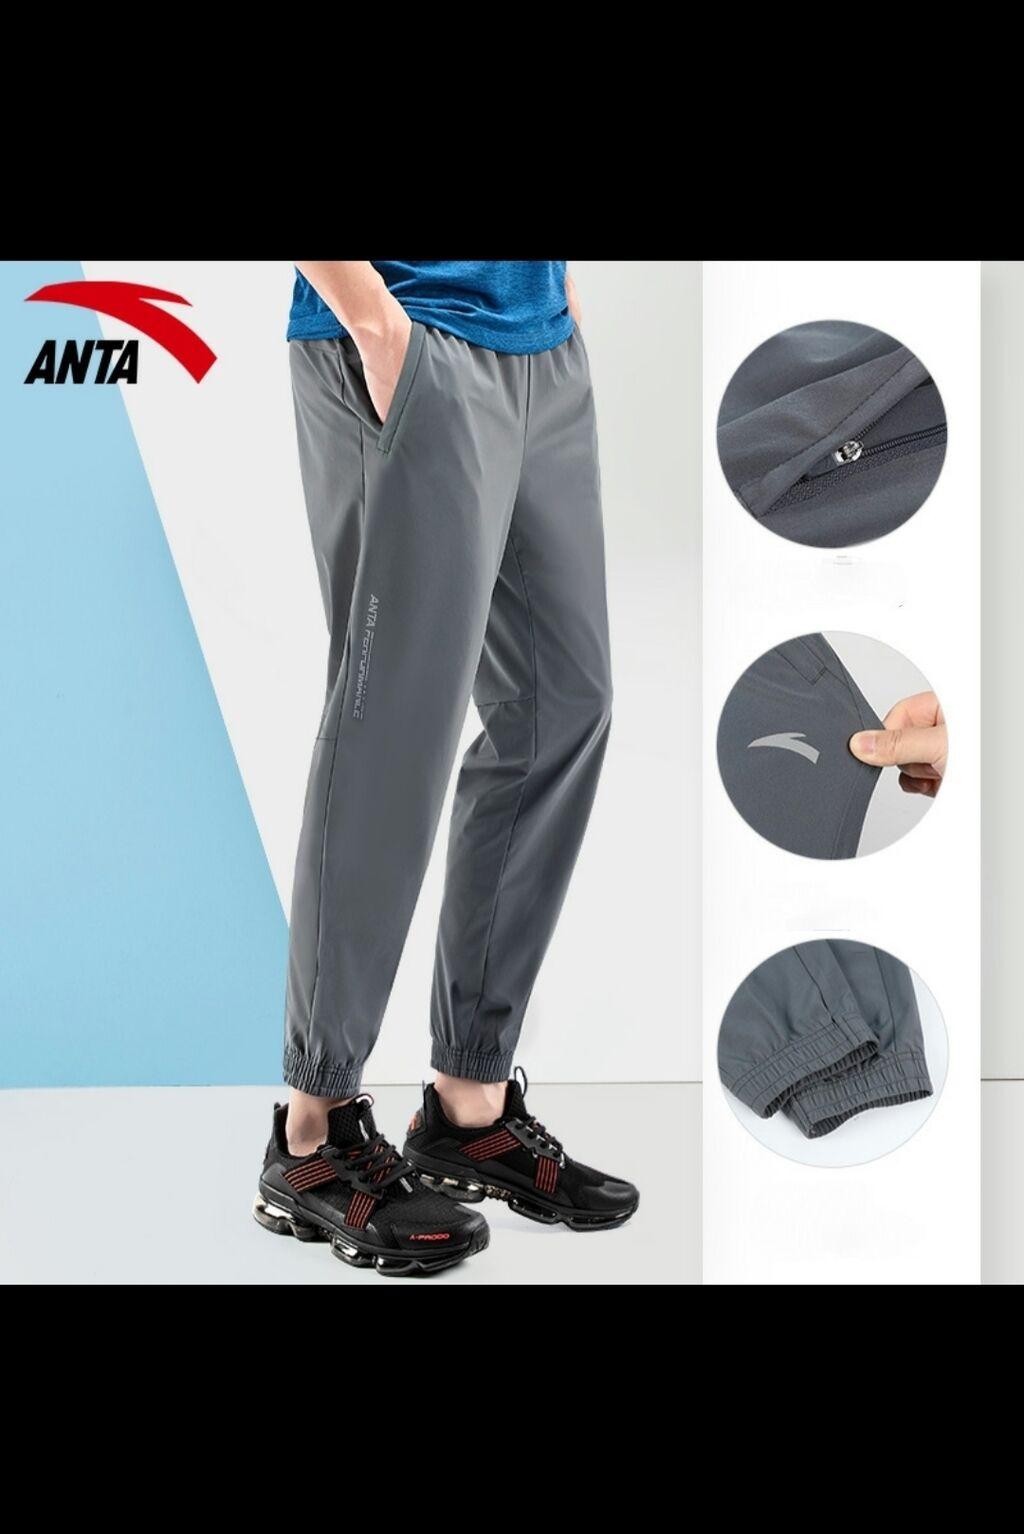 В наличии штаны ANTA ORIGINAL M размер в наличии 29-30 размер ( М ): В наличии штаны ANTA  ORIGINAL M размер в наличии 29-30 размер ( М )